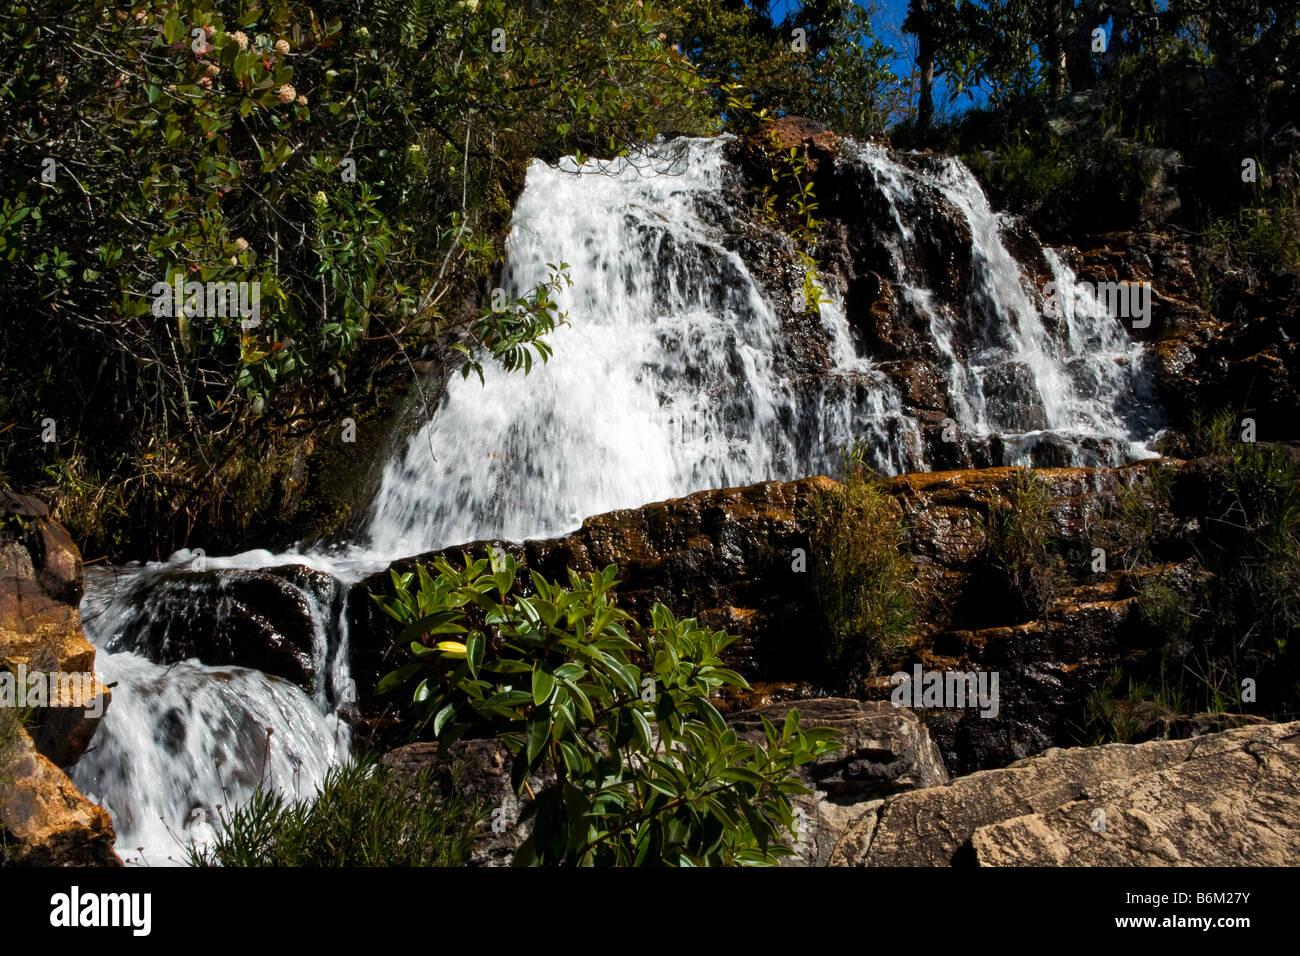 Cachoeiras Rio Cristal Chapada dos Veadeiros Veadeiros Tableland Goias Brazil Stock Photo